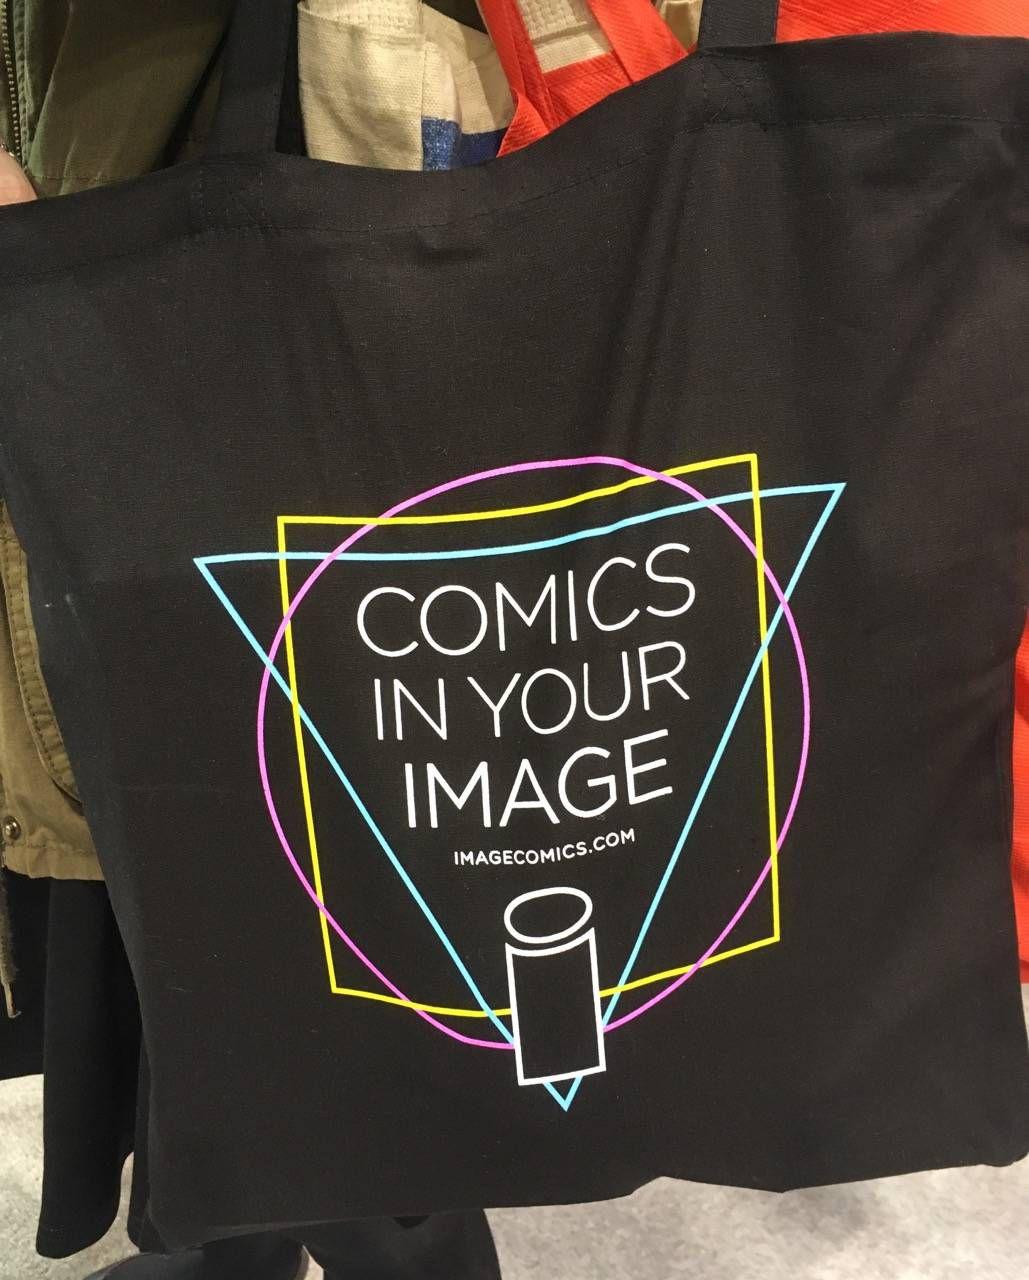 image-comics-totebag